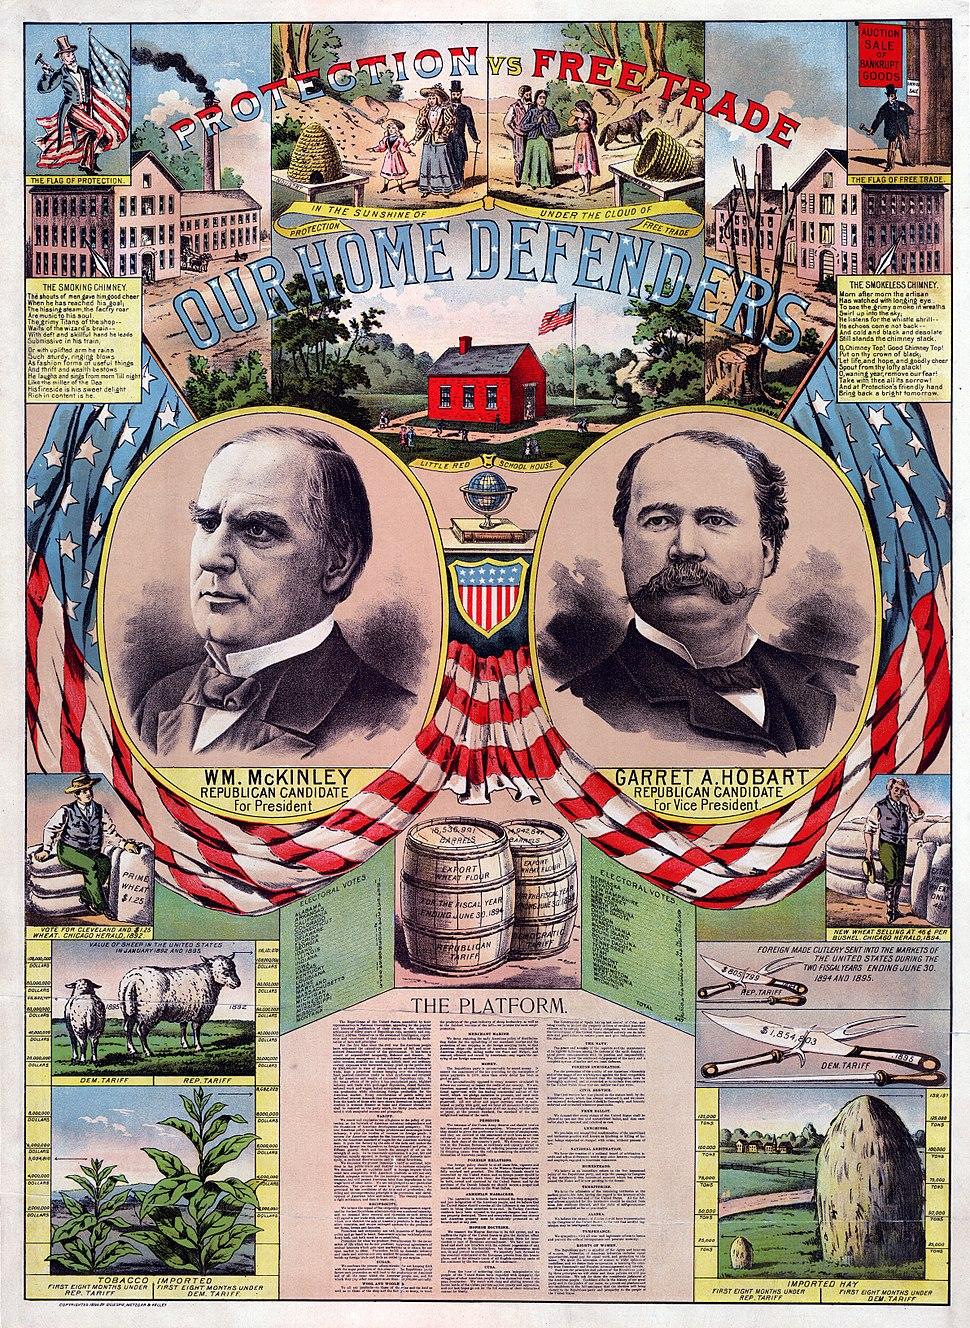 McKinley-Hobart 1896